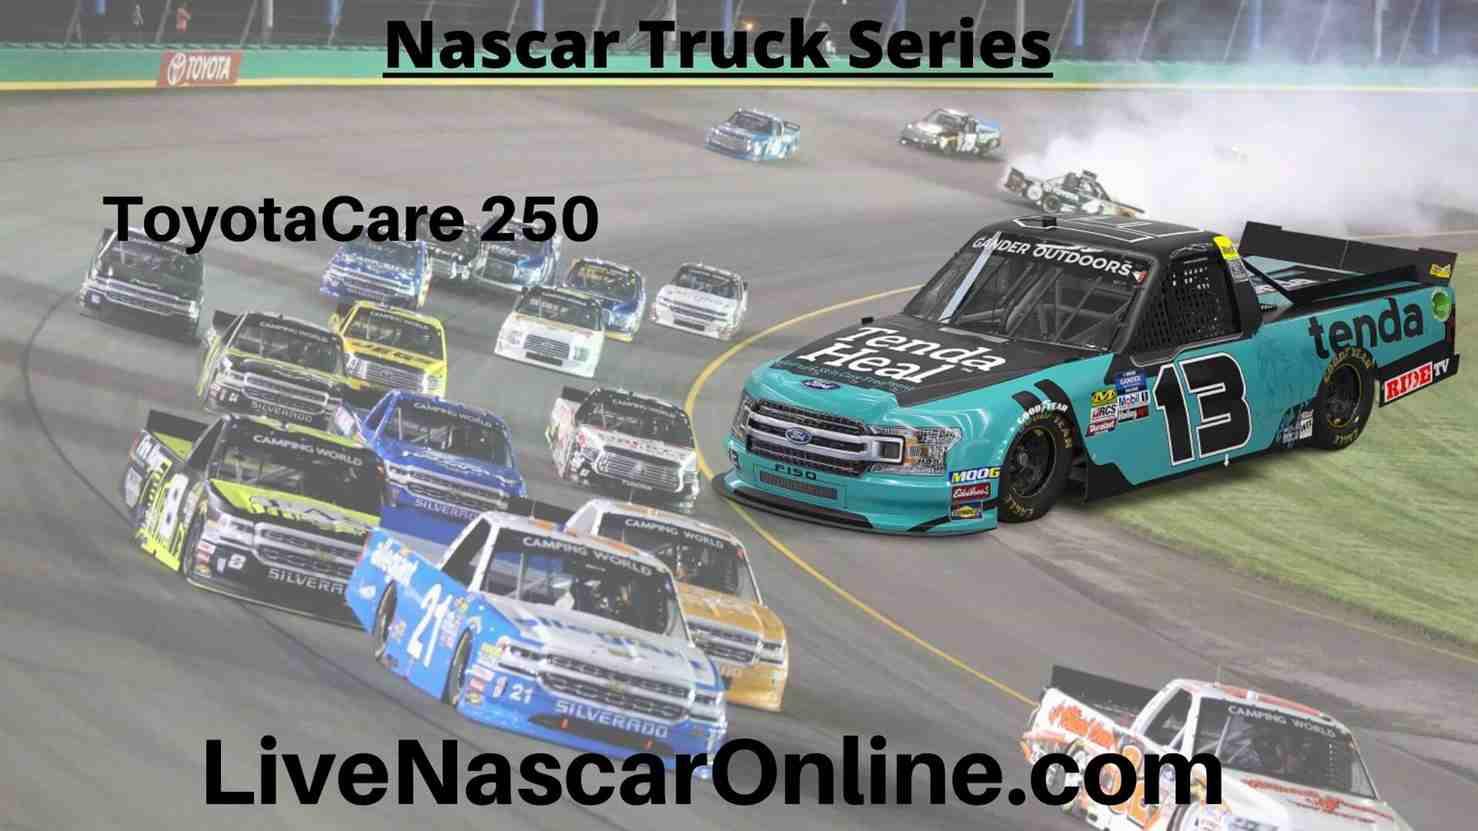 ToyotaCare 250 Online Stream | NASCAR Richmond 2020